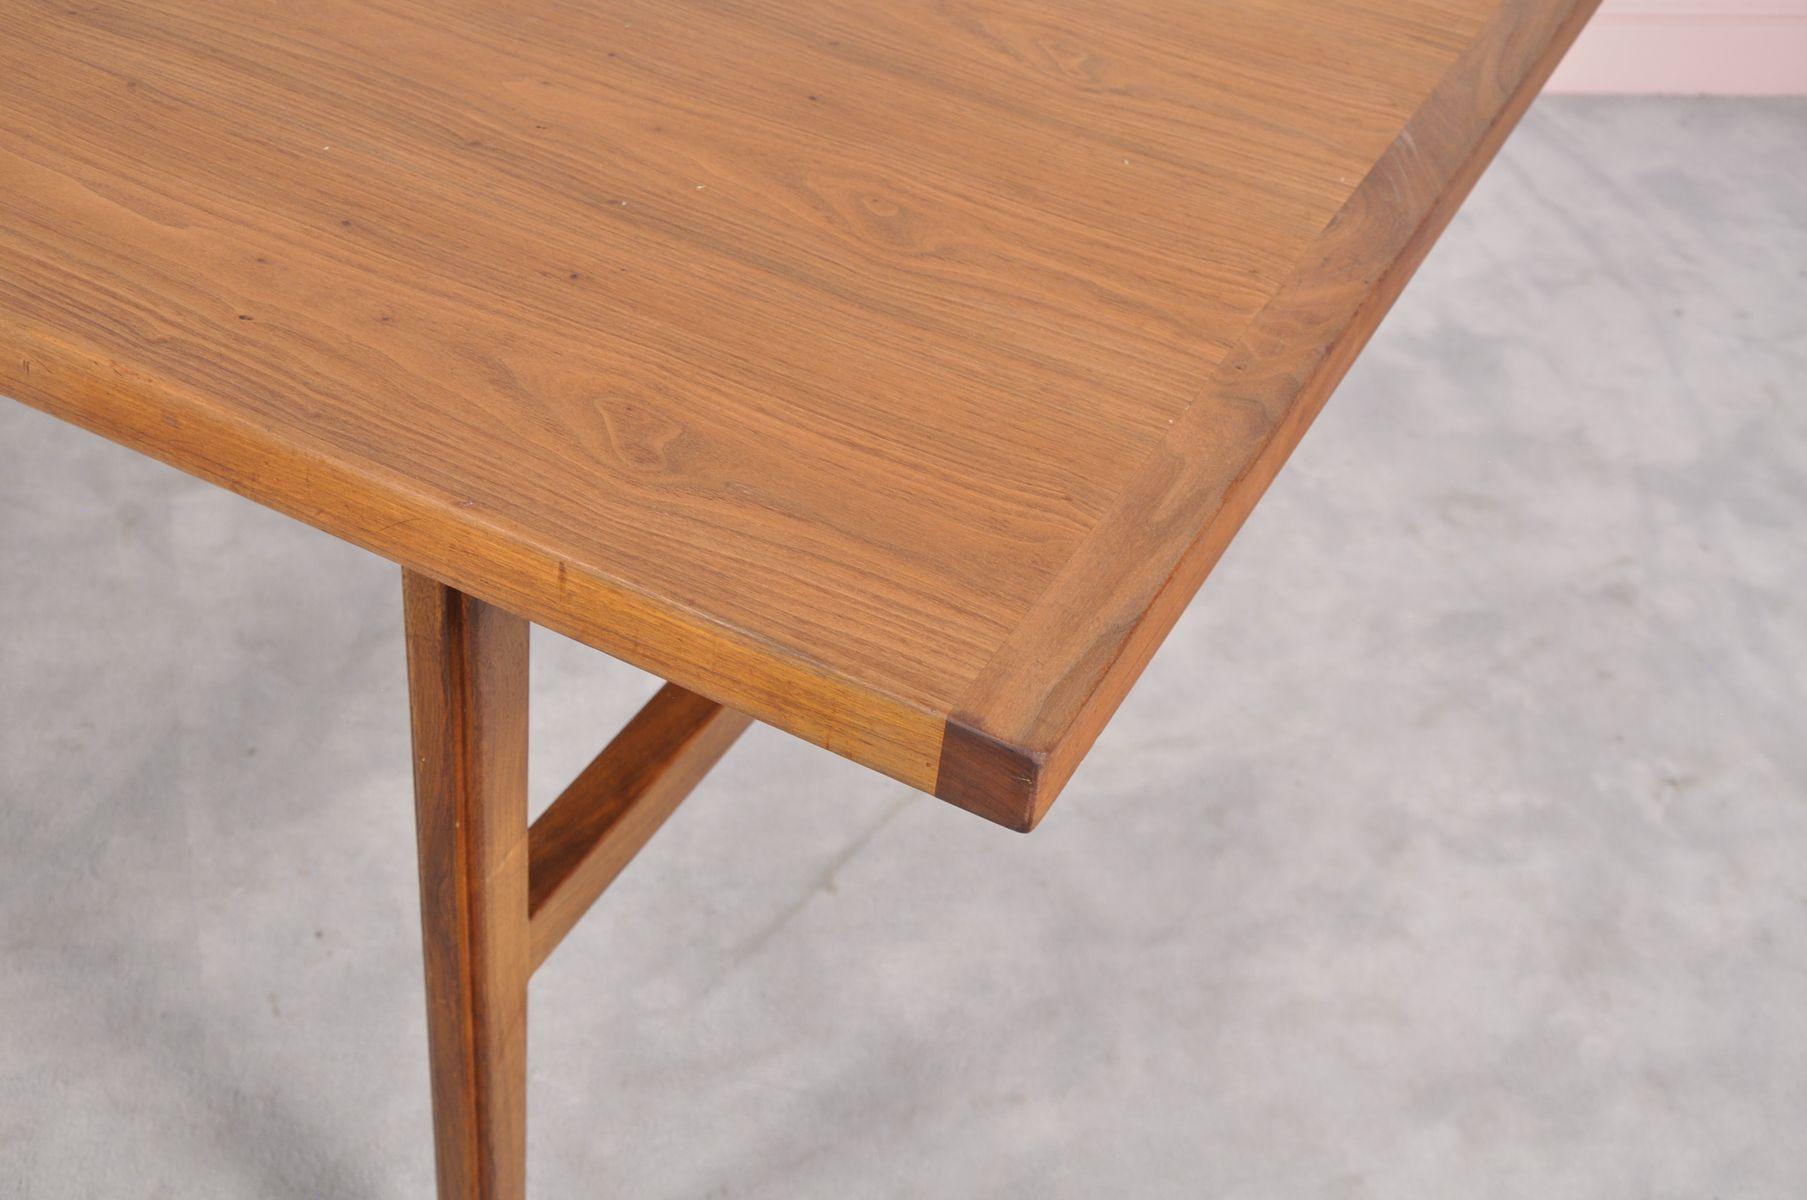 Mid century dining table - Price 4 437 00 Regular Price 4 814 00